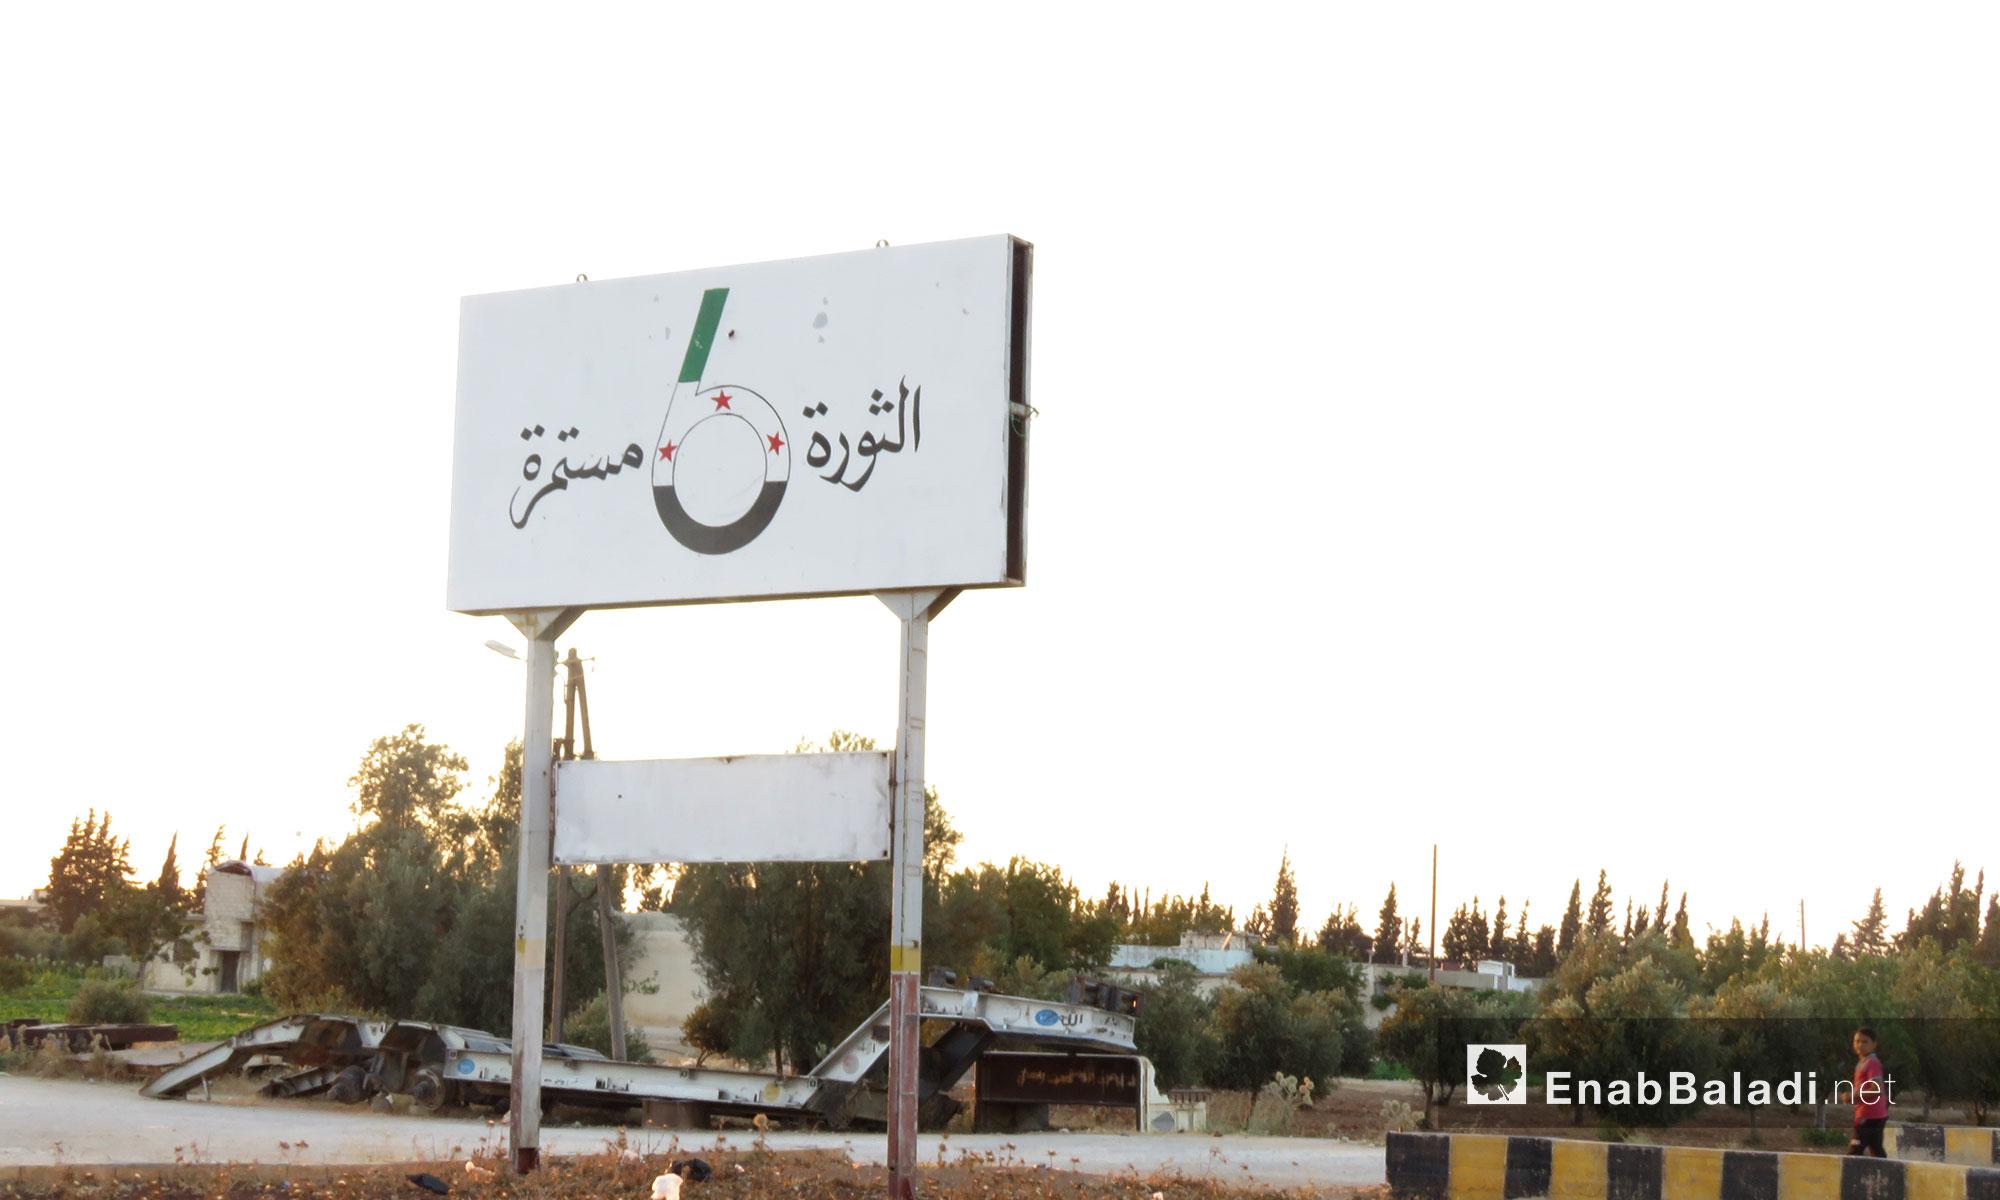 لافتات من مطالب الثورة السورية على الطريق الدولي دمشق- حمص - 25 تموز 2017 (عنب بلدي)